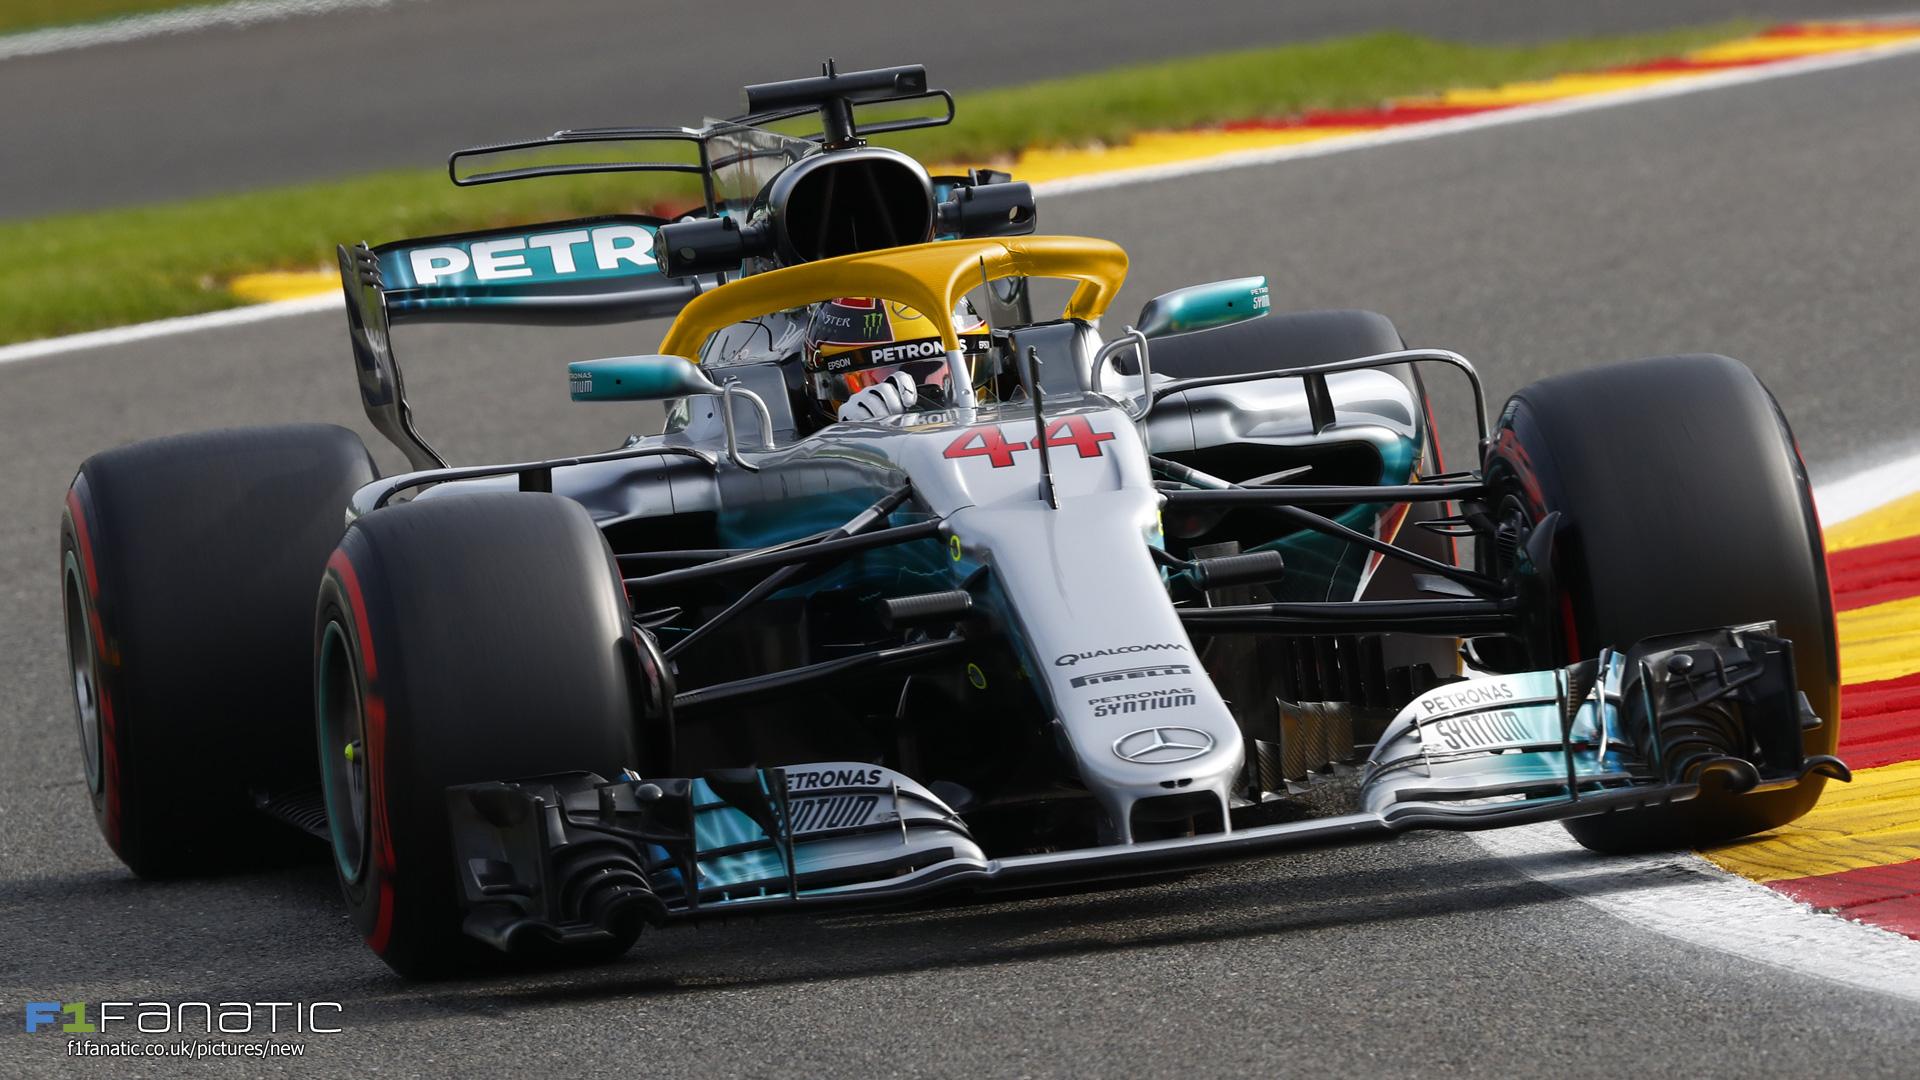 Lewis Hamilton Wallpaper 2016